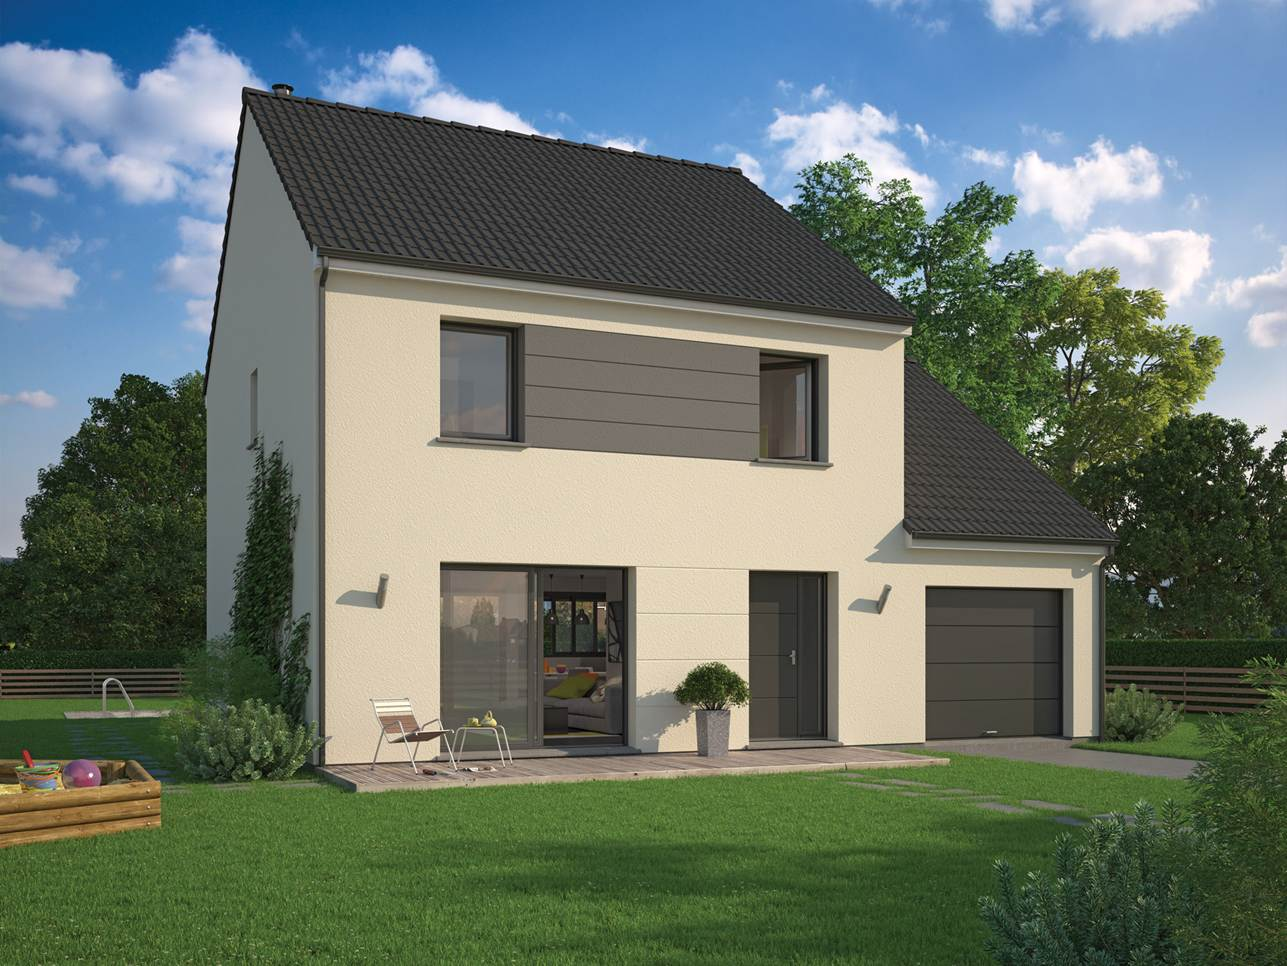 Maisons + Terrains du constructeur MAISON FAMILIALE • 113 m² • FORGES LES BAINS